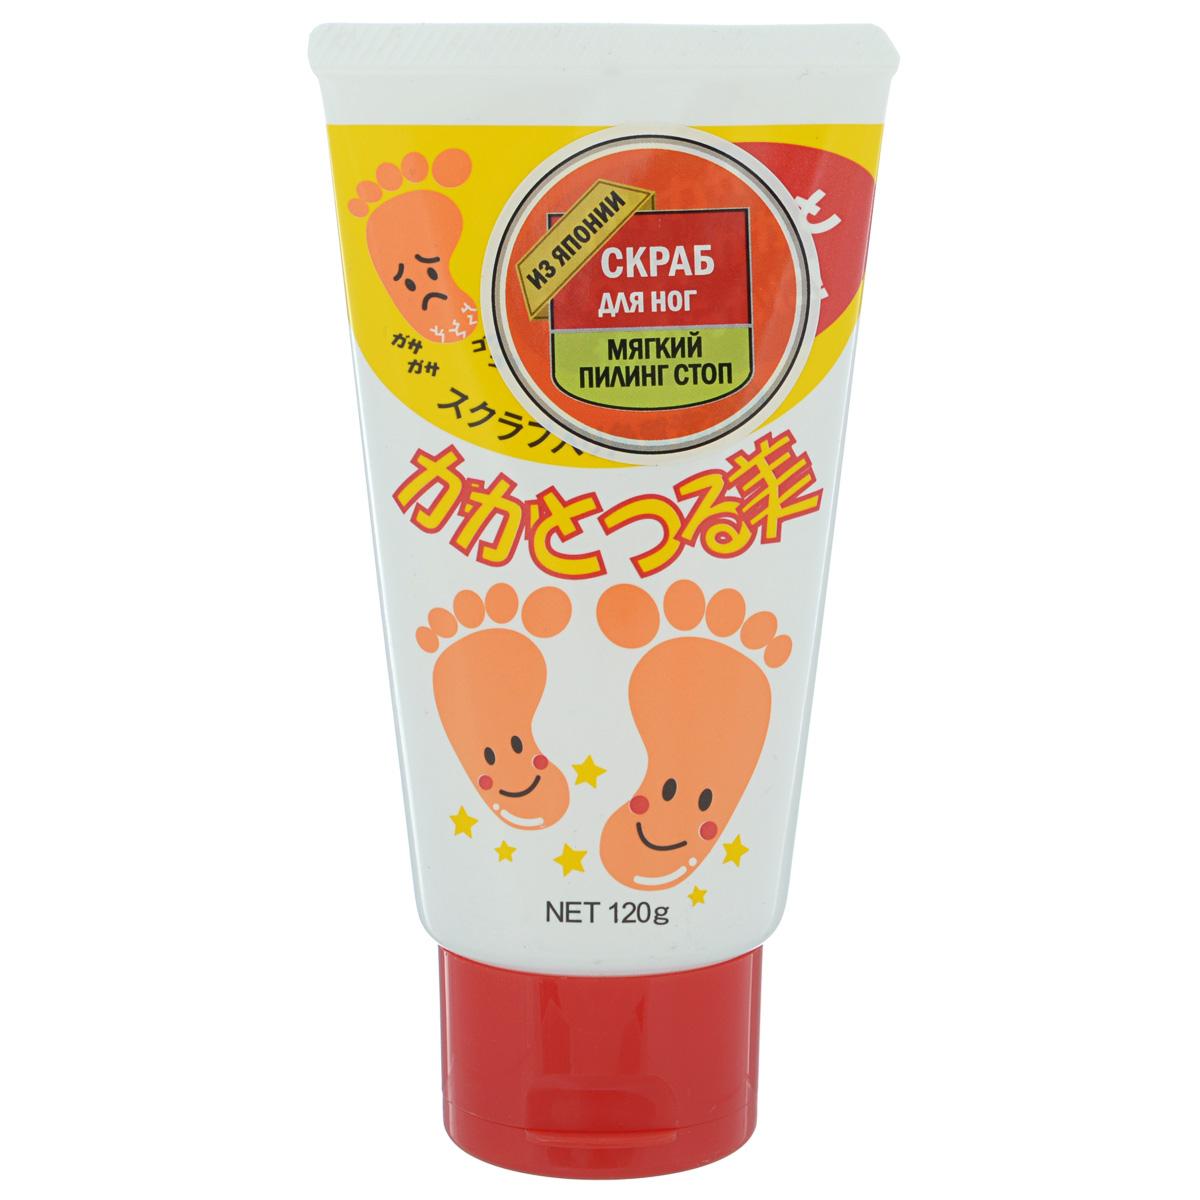 Roland Скраб для ног 120 гр47604Нежный скраб удаляет ороговевшие клетки кожи и загрязнения, устраняет неприятный запах, питает и увлажняет кожу. Подходит для ежедневного мытья ног. Способ применения: необходимое количество средства массажными движениями нанести на кожу стоп, затем смыть теплой водой. Состав: глицерин, вода, миристиновая кислота, пальмитиновая кислота, гидроксид K, лаурил кислоты, полиэтилен, стеариловый кислота, кокамид DEA, кокоил метил таурин Na, дистеарат, цетиловый спирт, мыльная основа, ВНТ, ЭДТА-2Na, феноксиэтанол, ароматизатор.